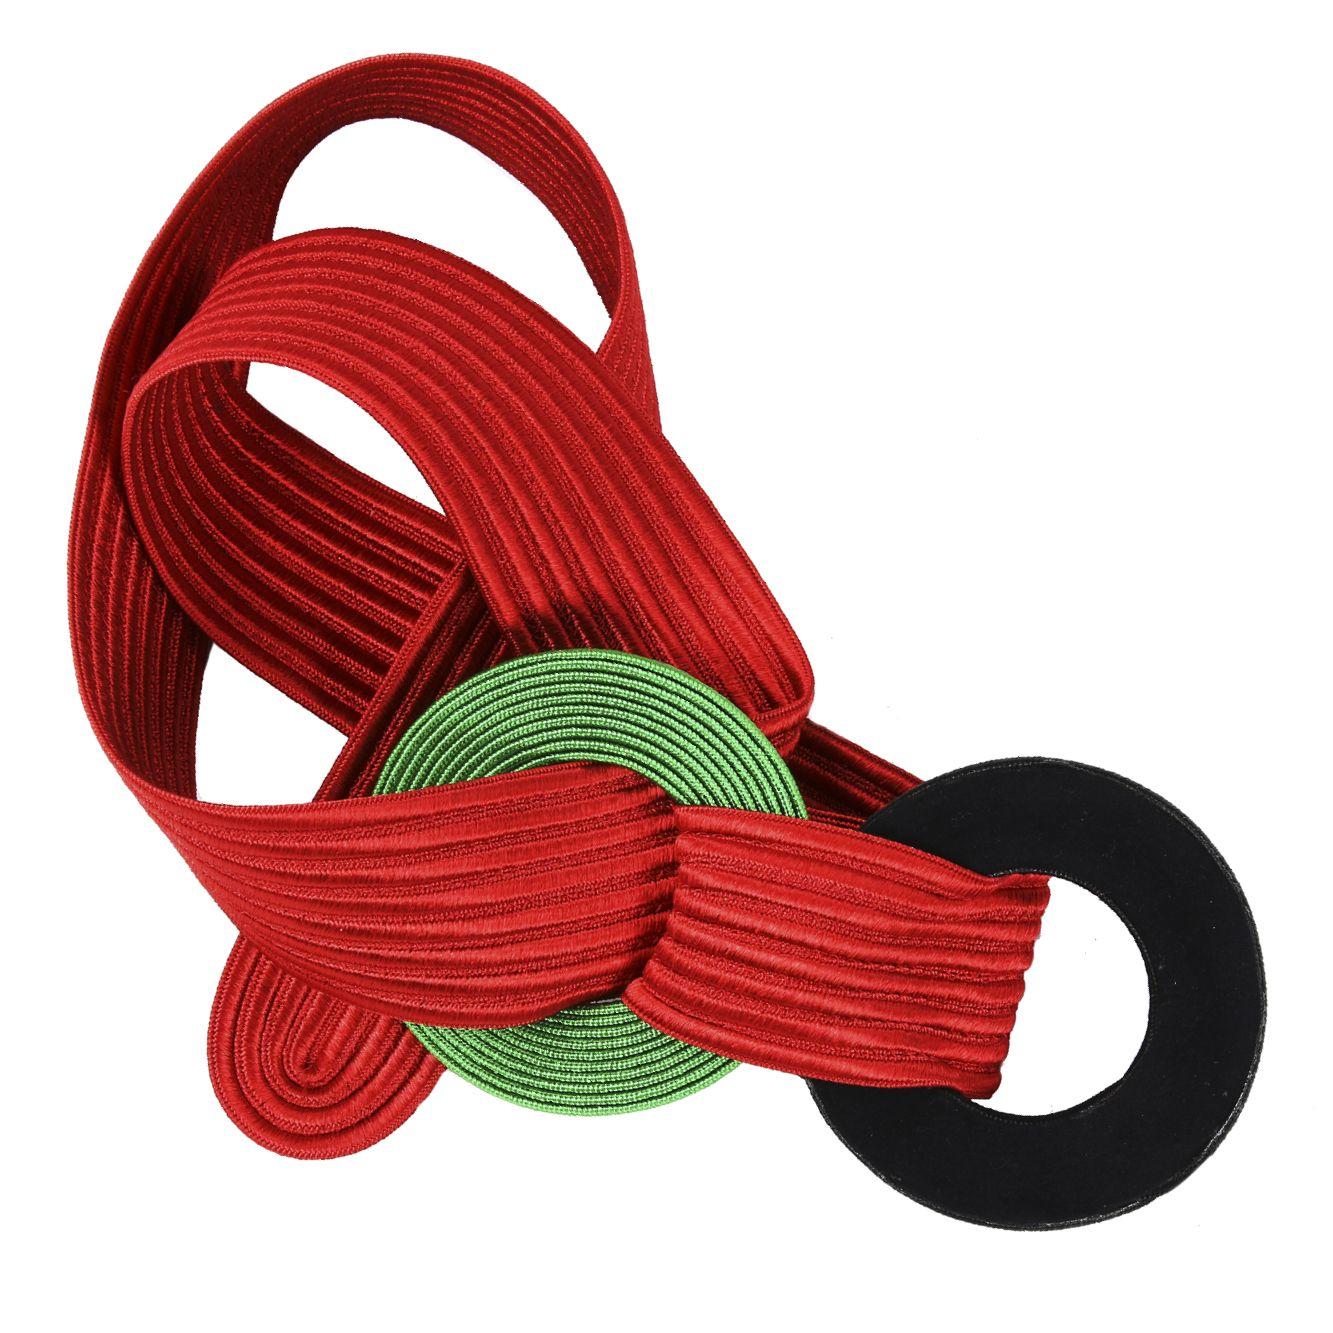 YVES SAINT LAURENT Gürtel  Diesen Gürtel aus roten Seidenrips kann man mit mit zwei ebenfalls aus Seide gefertigen schwarz/grünen Ringen individuell schließen.